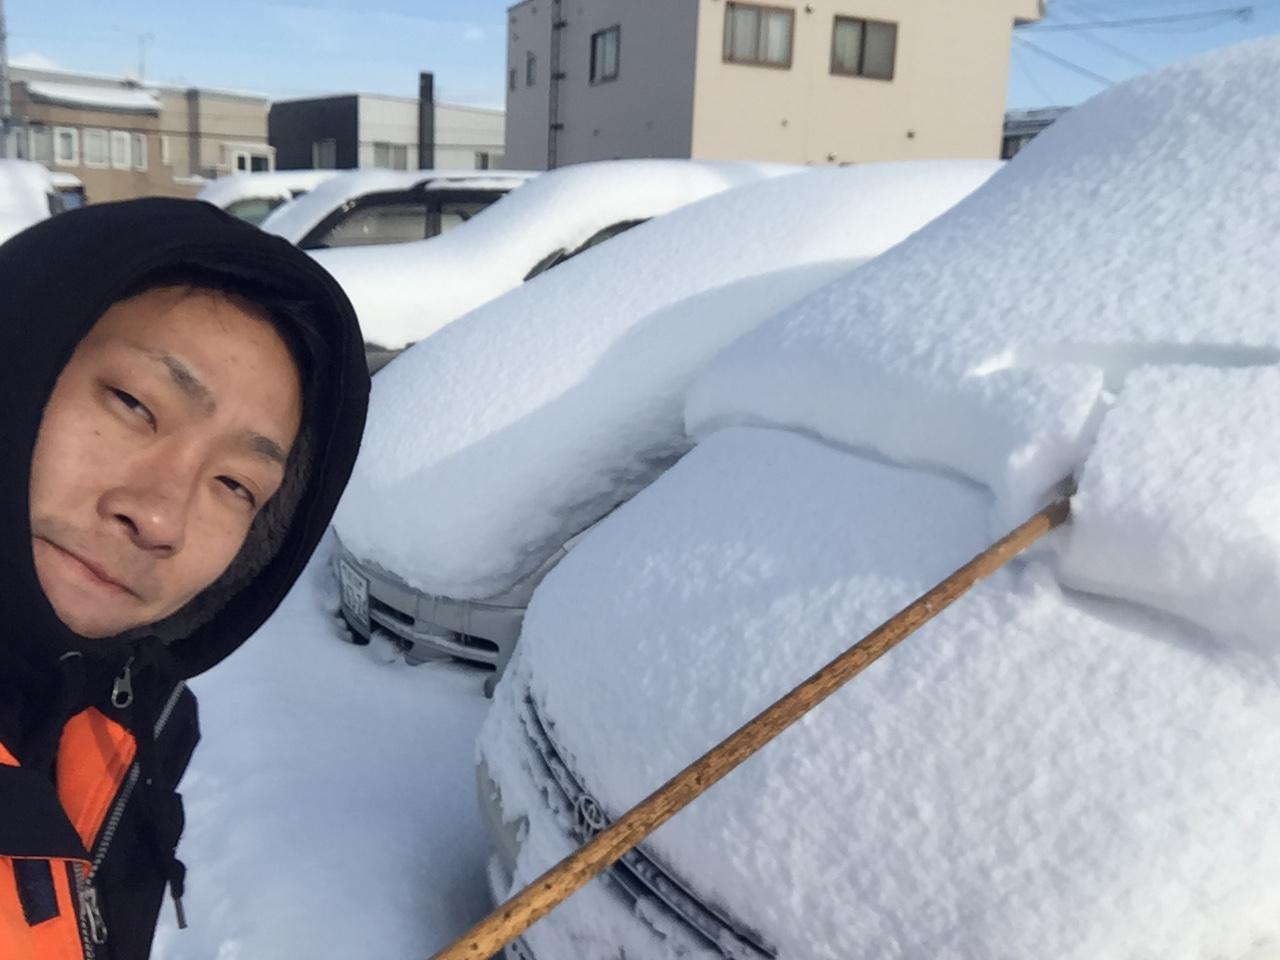 12月6日 水曜日のひとログ(。・Д・)ゞ 除雪車リース承り〼★ご相談もお気軽に!TOMMY_b0127002_17395672.jpg